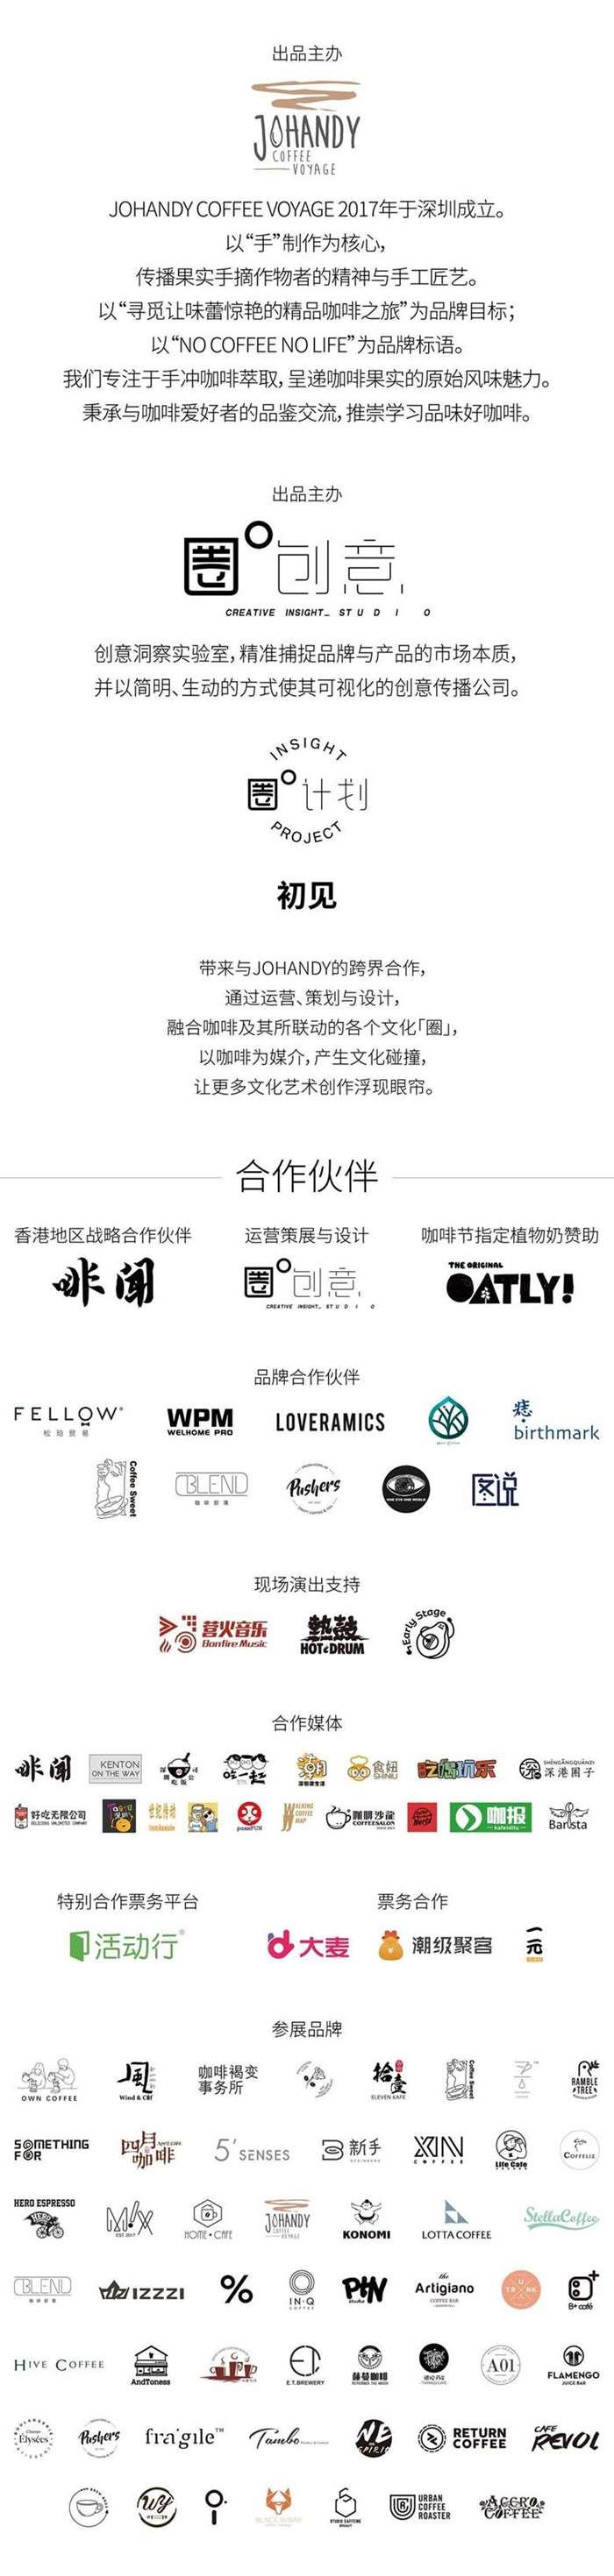 结尾logo合集-01-01.jpg